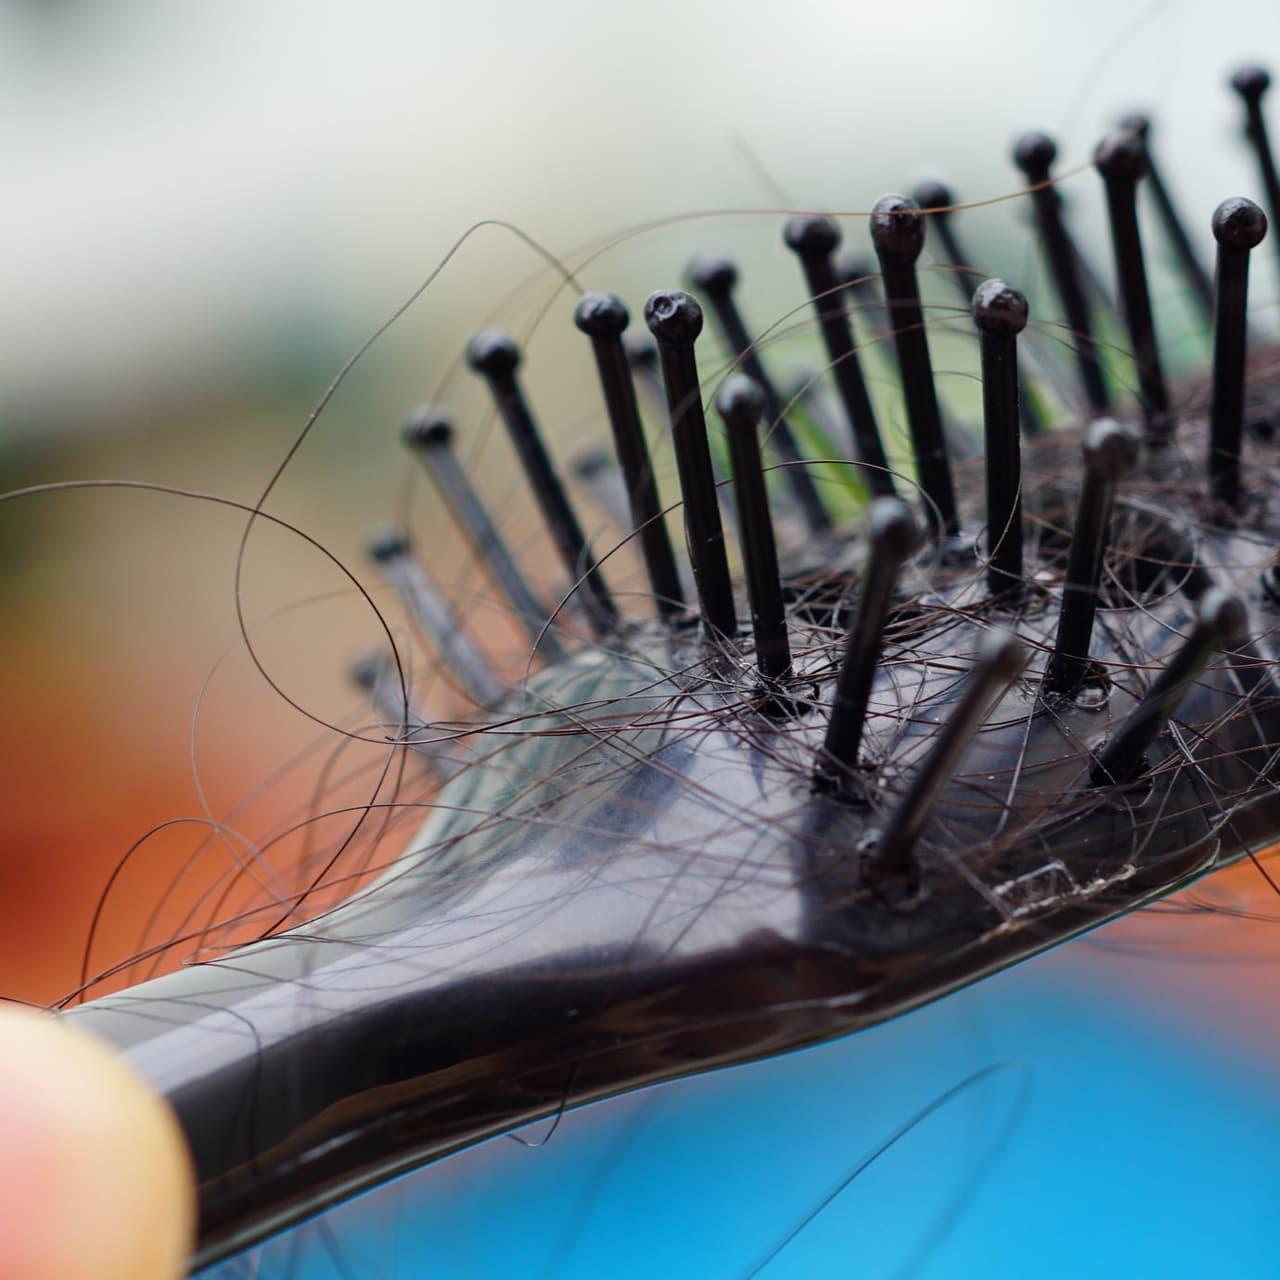 自毛植毛|間違いだらけの薄毛治療をやめて、自分の髪と人生を取り戻す